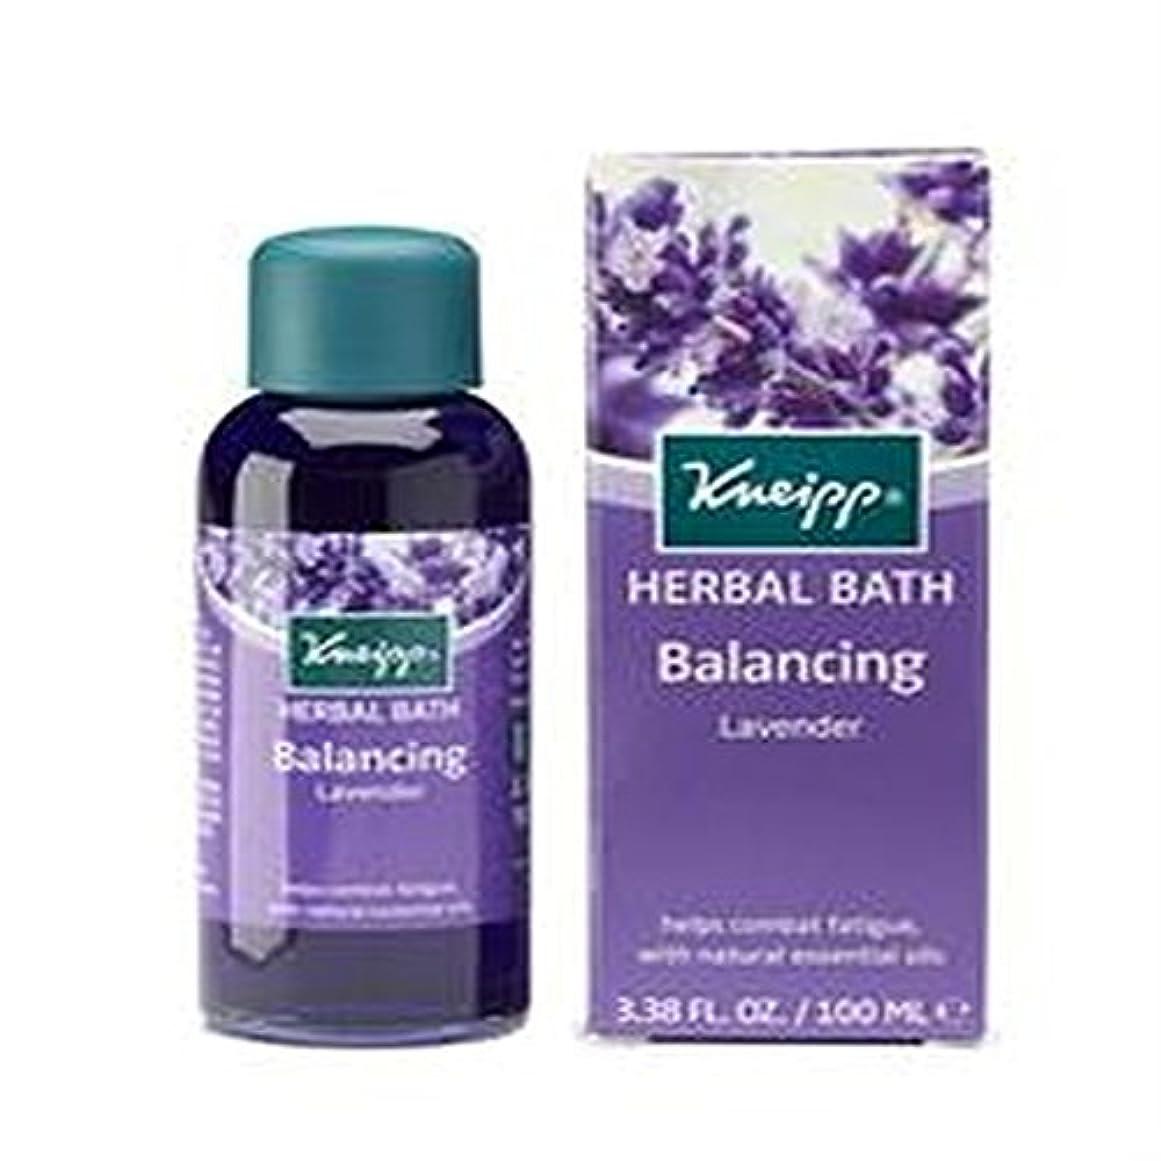 説教スープコーナーKneipp Balancing Lavender Herbal Bath - 3.38 Oz. (並行輸入品) [並行輸入品]